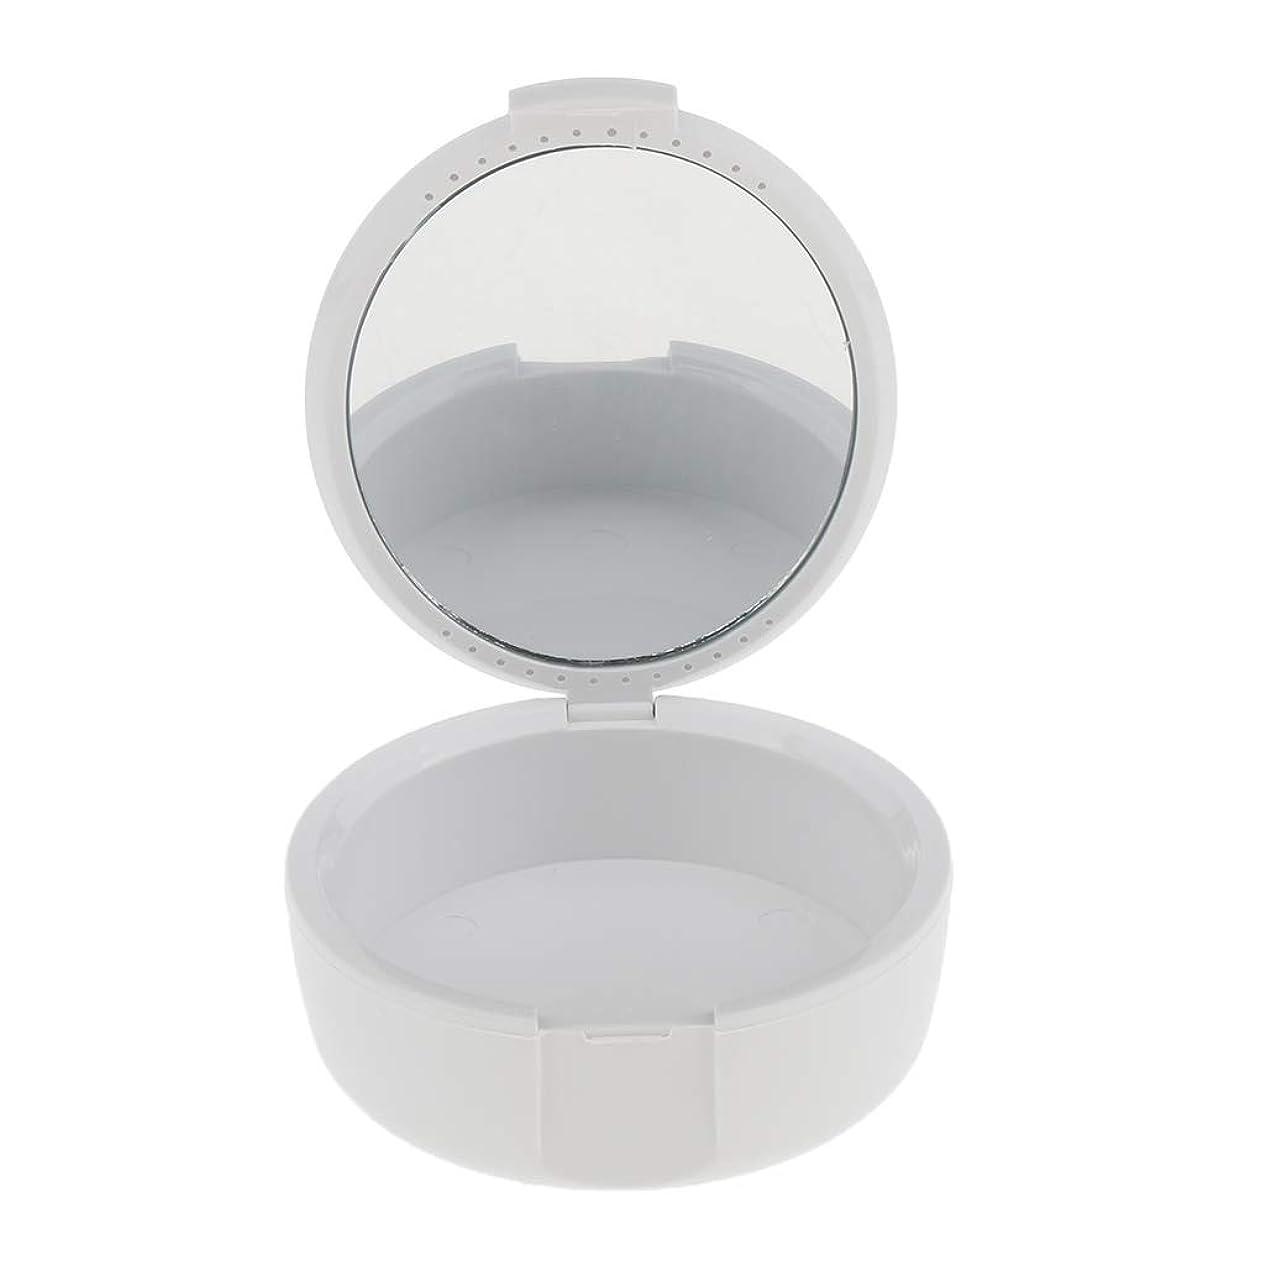 交差点リングバック滑りやすいD DOLITY 義歯ケース マウスガードケース ミラー付き 便利 2色選べ - 白